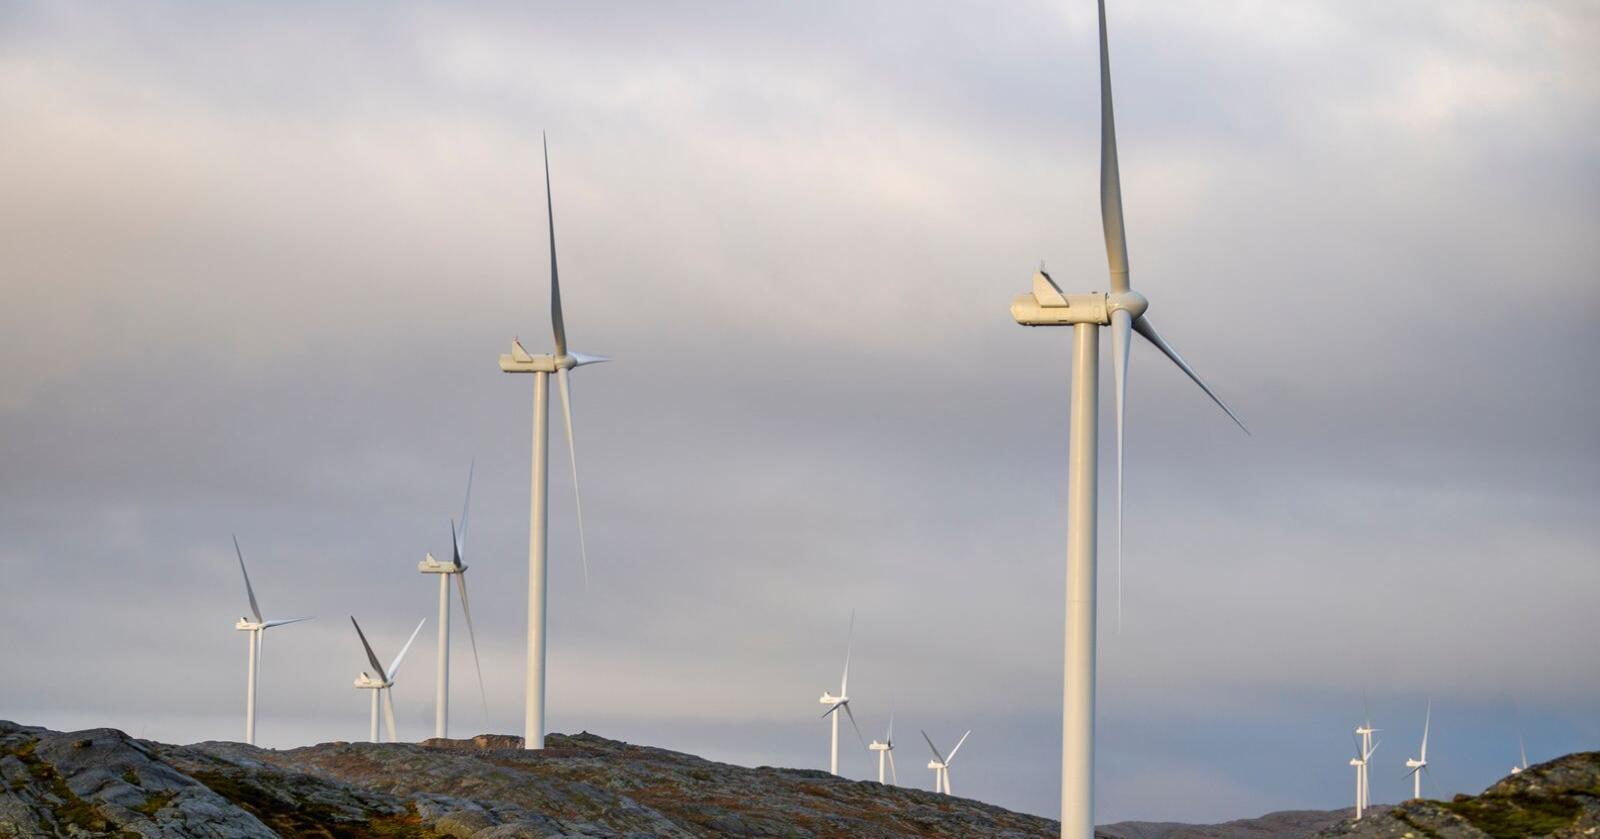 Storheia vindpark er den største av vindparkene i porteføljen til Fosen Vind og den andre av vindparkene som ble bygget. Men utbygging av vindkraft på land er blitt en omstridt sak også internt i flere politiske partier. Foto: Heiko Junge / NTB